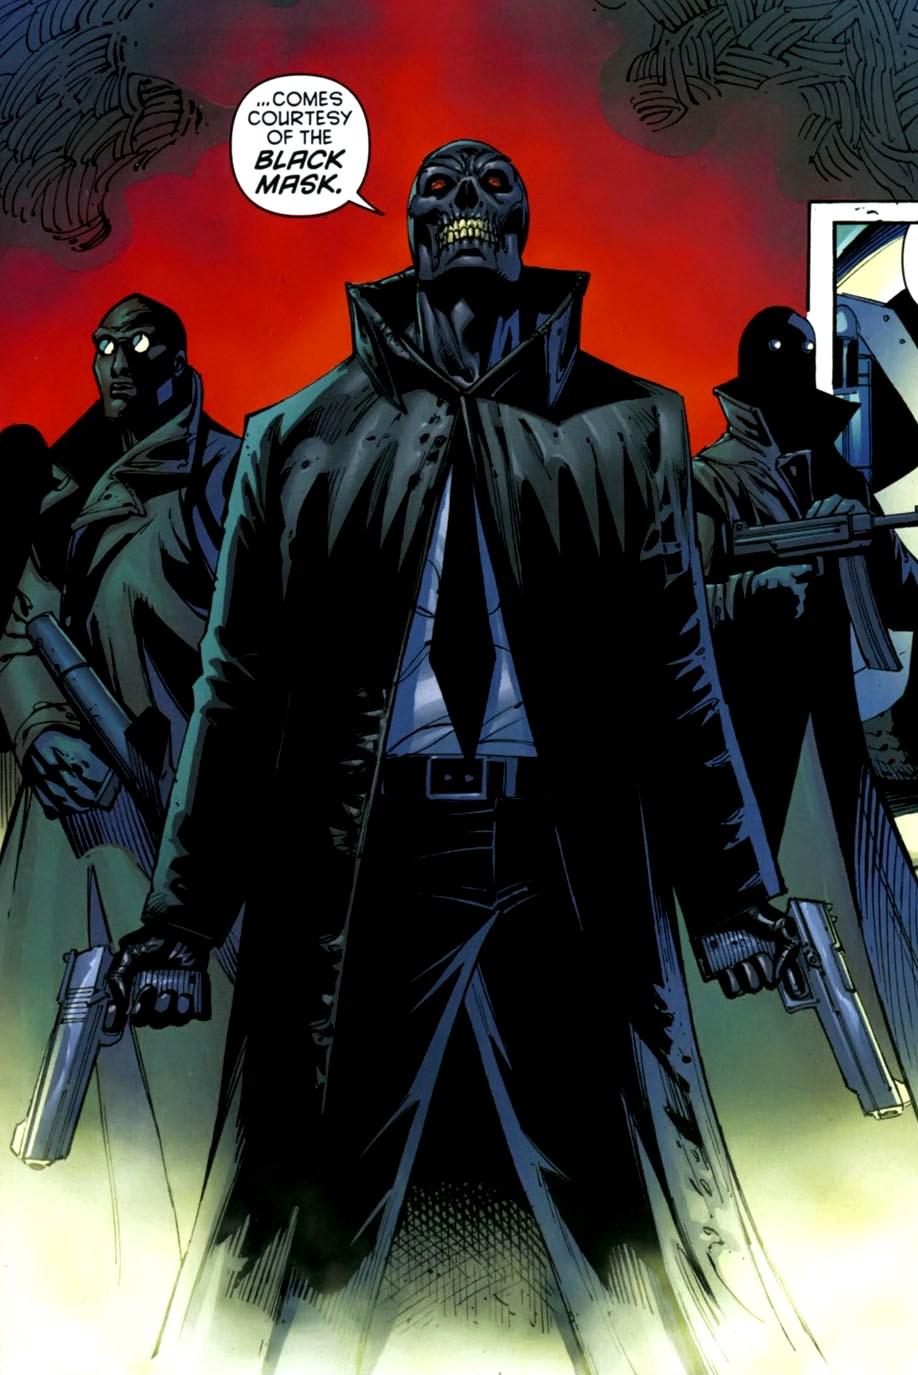 Image - Black Mask Jeremiah Arkham 0001.jpg | DC Database | FANDOM powered by Wikia